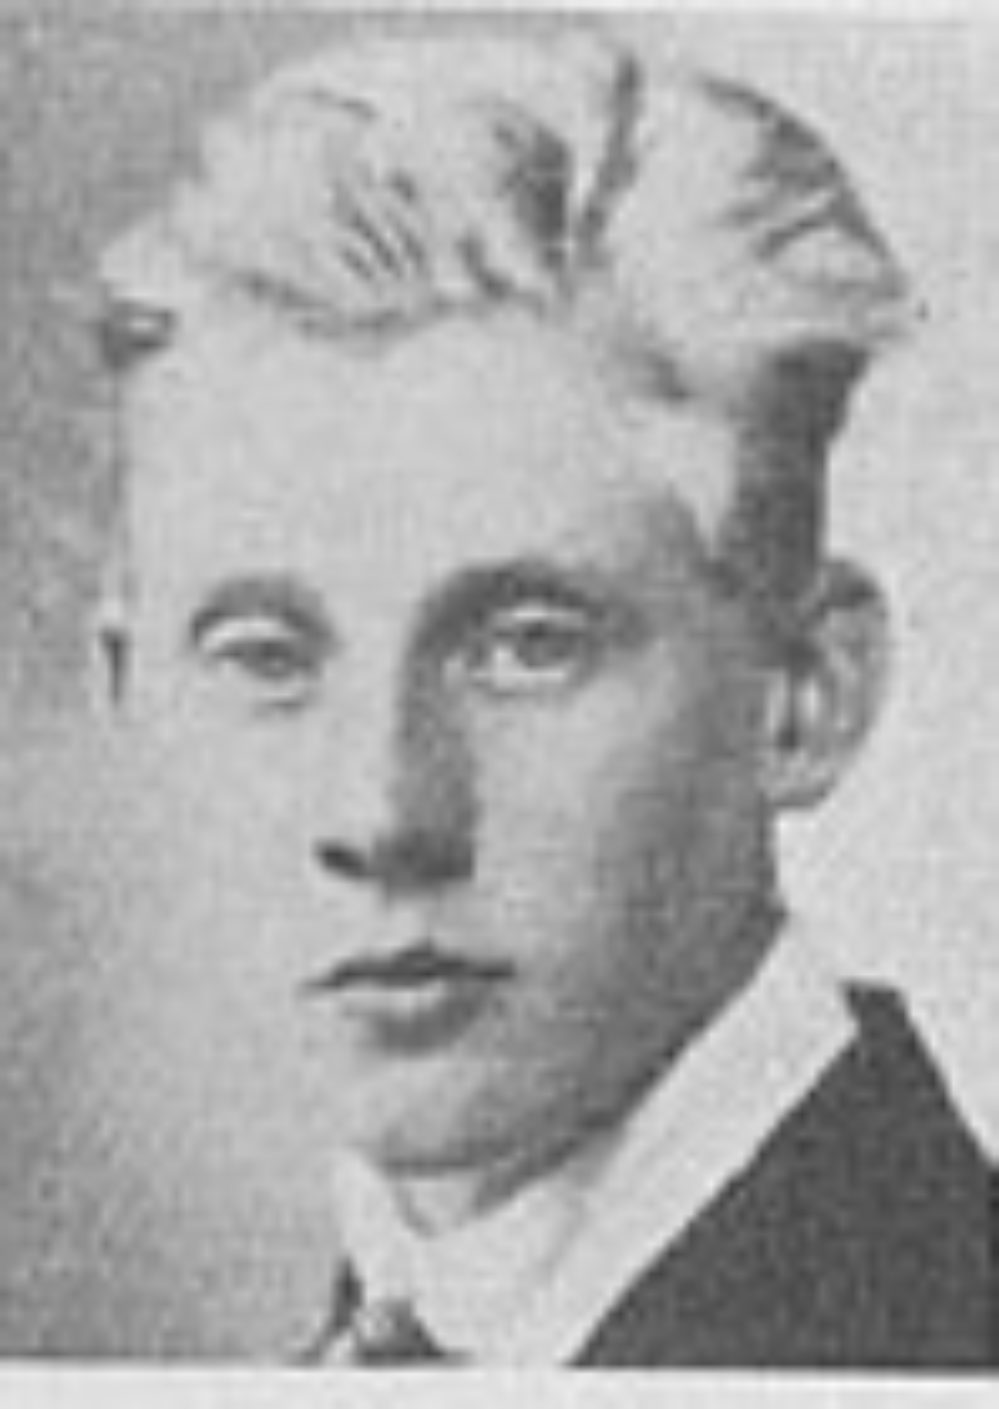 Alf Jørgensen